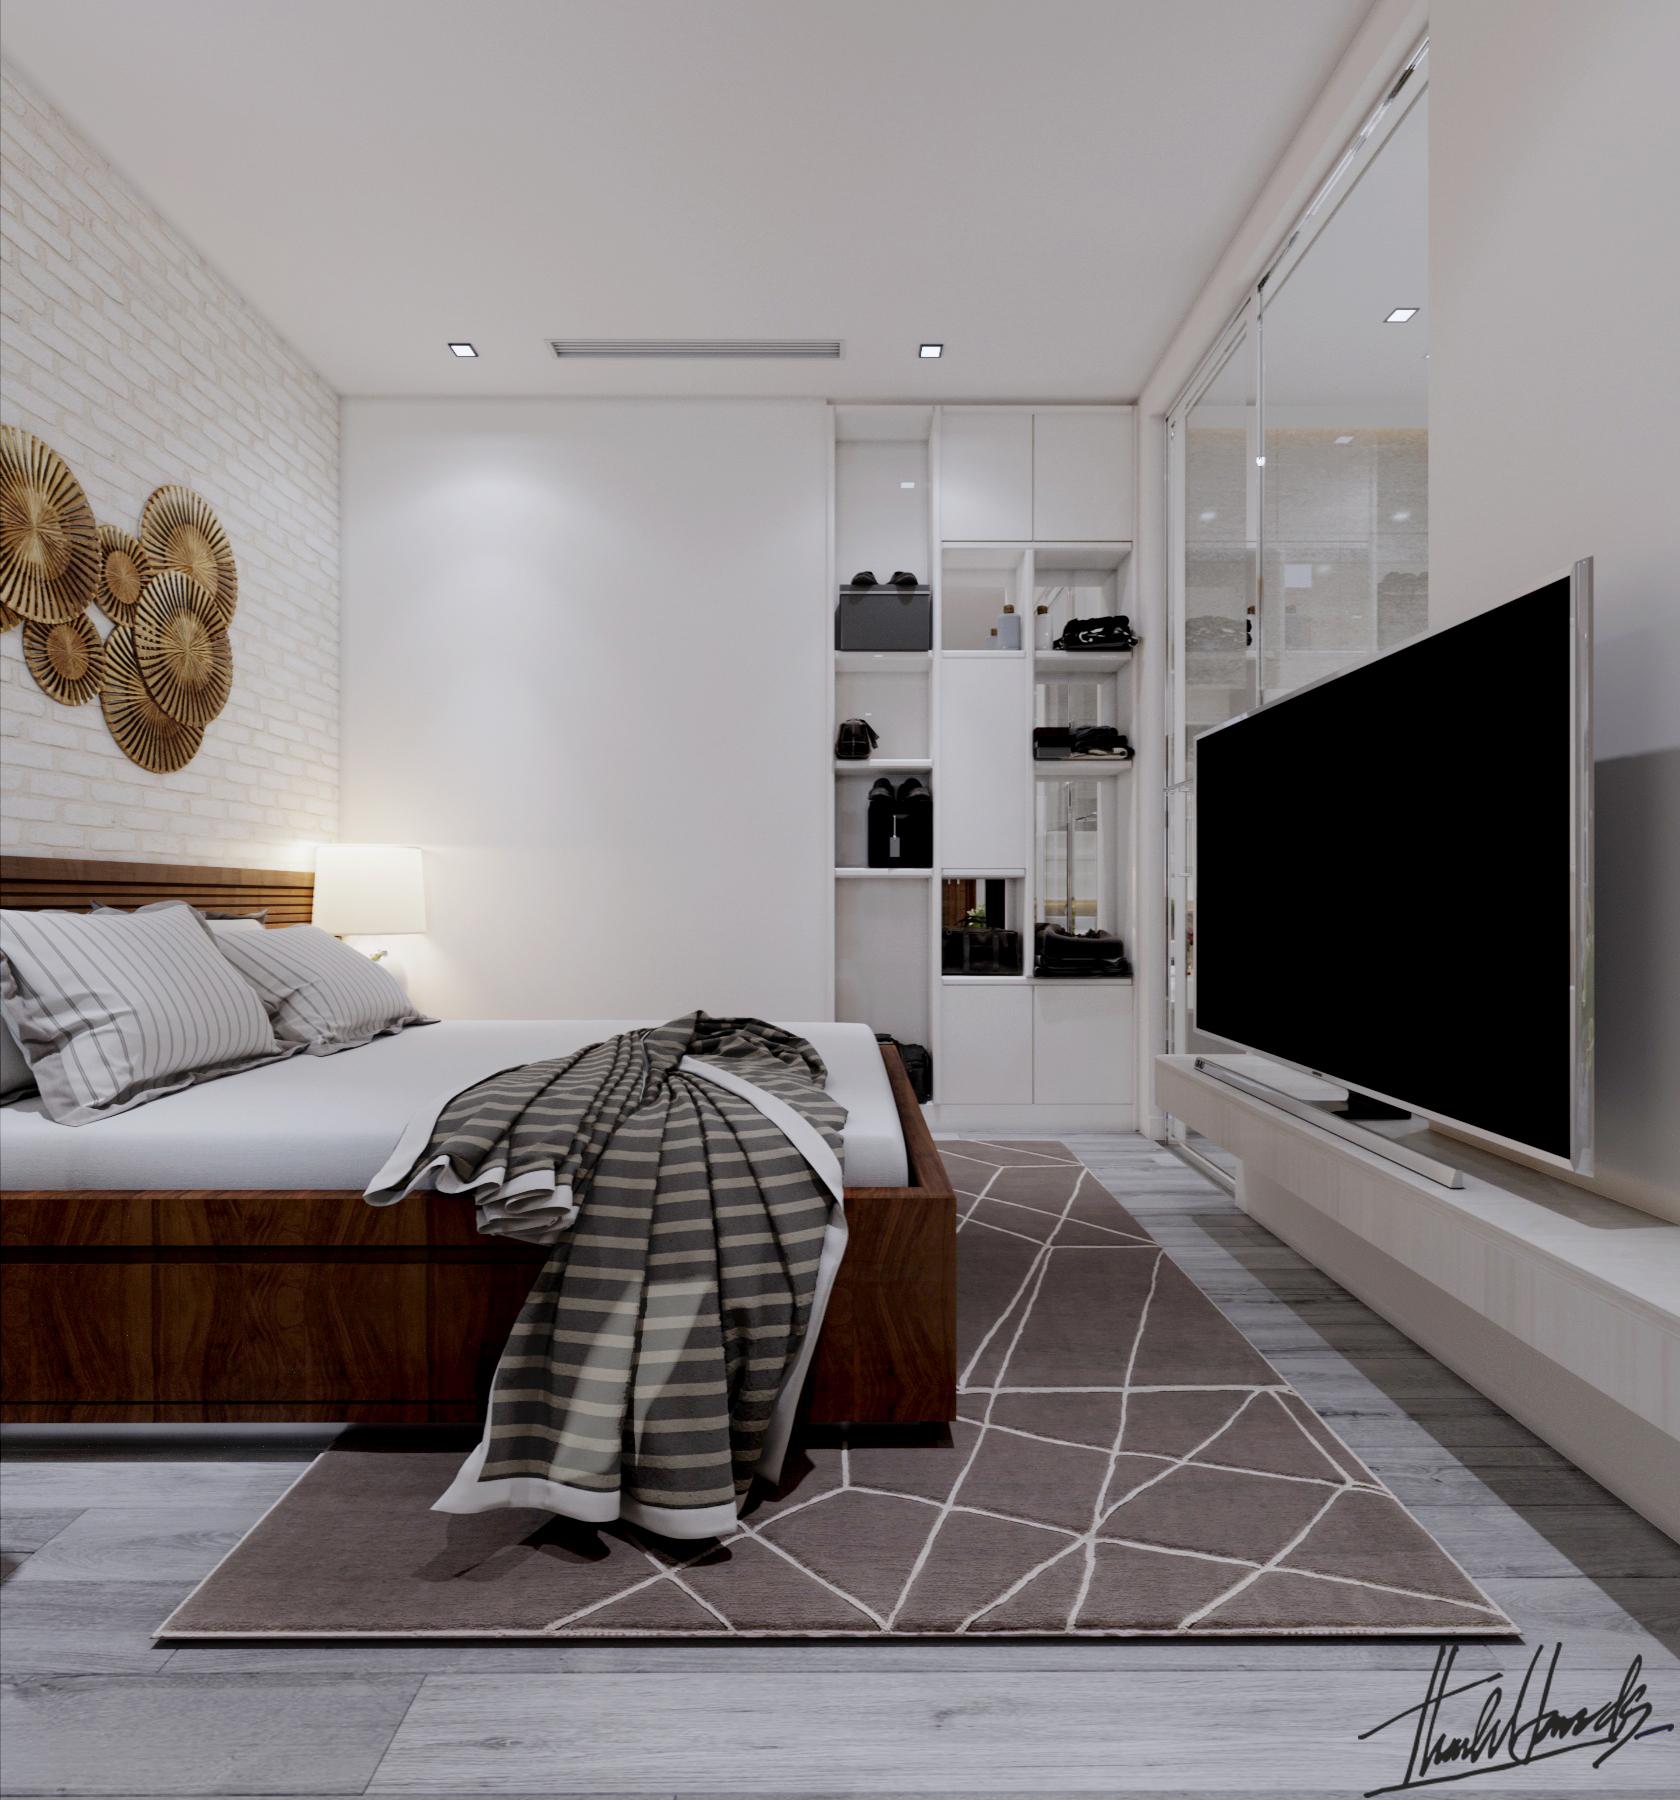 thiết kế Nội thất Chung Cư chung cư - Vin mỹ đình156